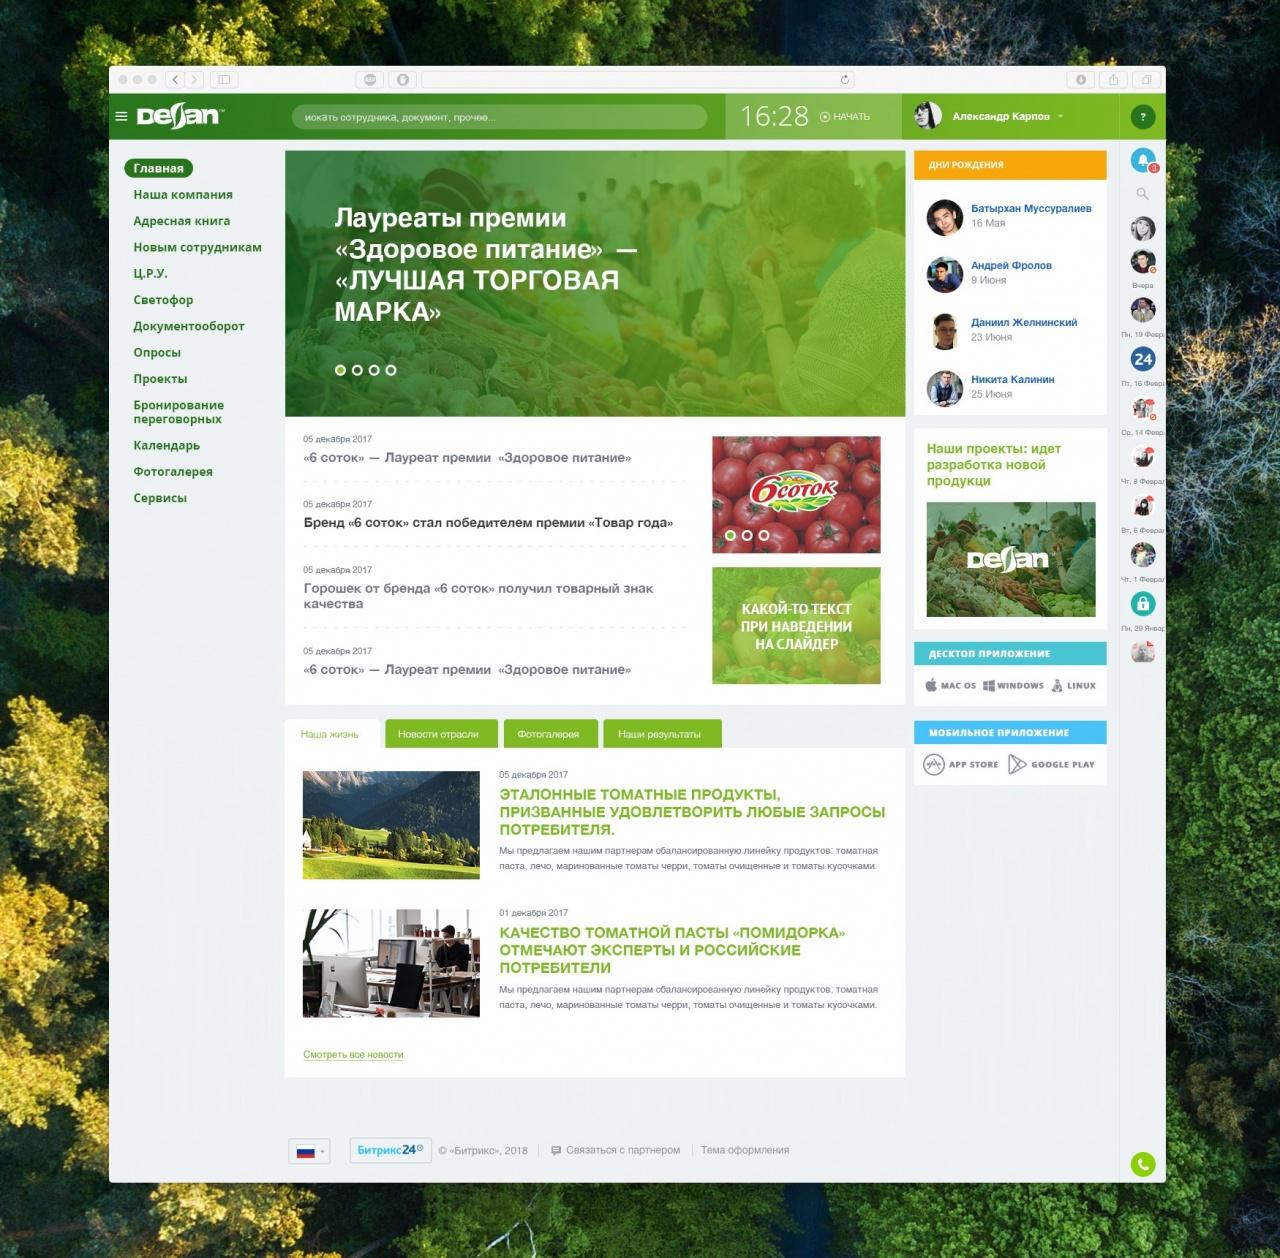 Пример доработанного дизайна HR-портала на Битрикс24